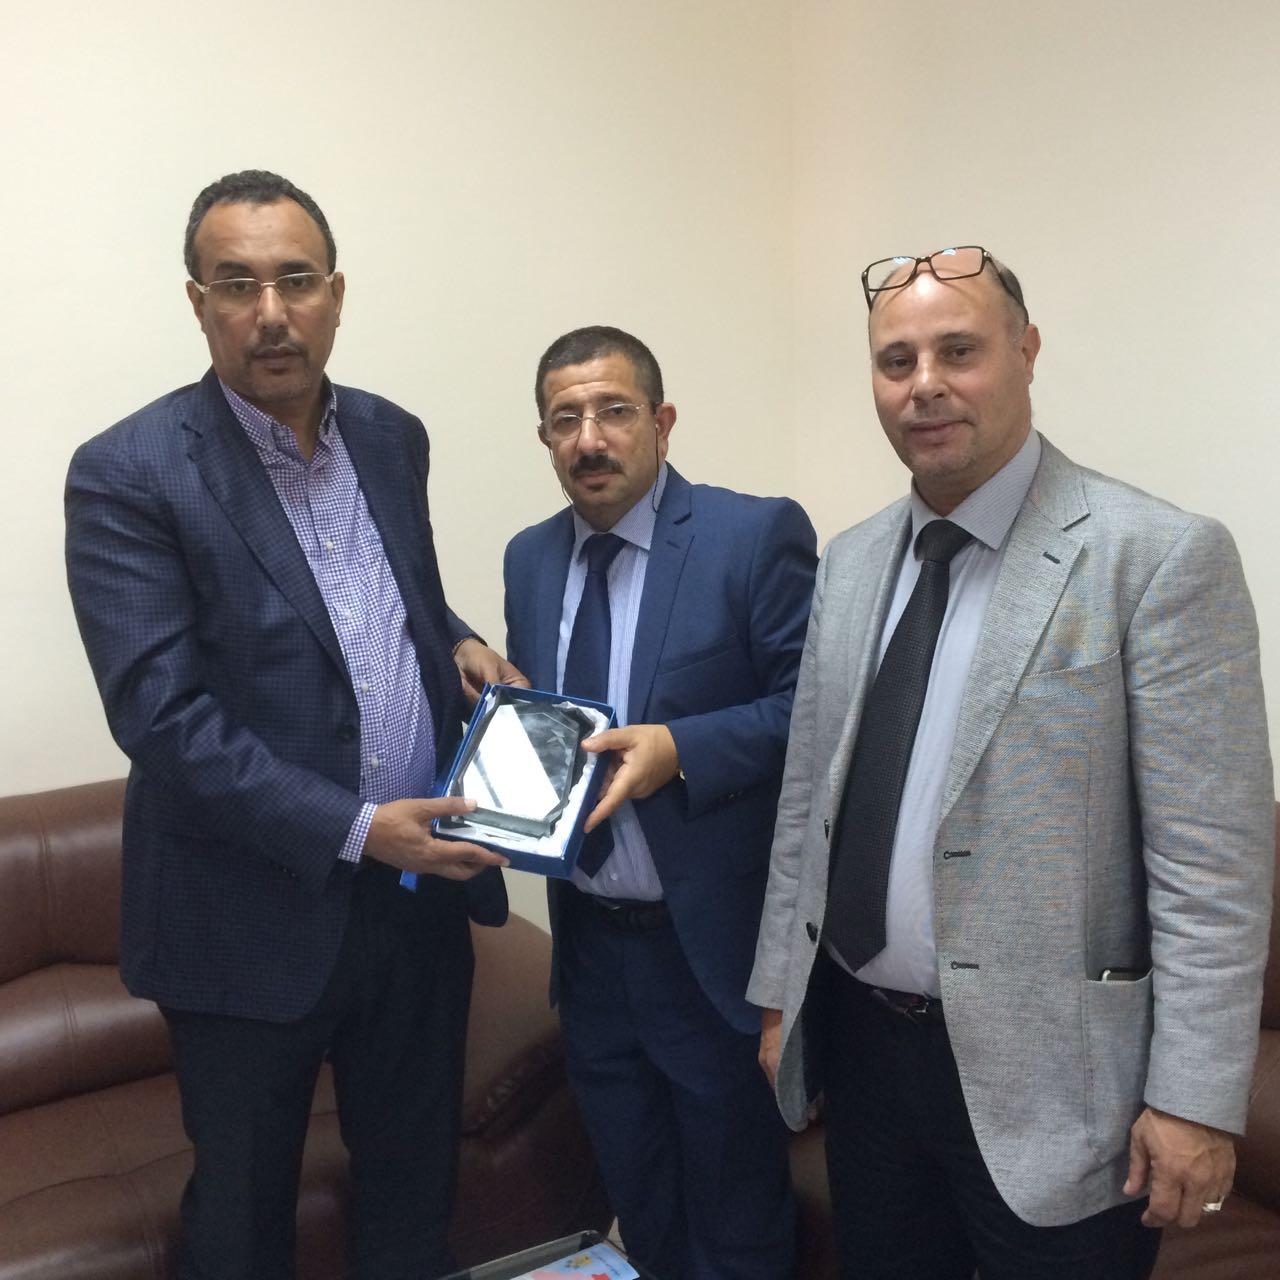 لقاءات مكثفة للمكتب التنفيذي للجامعة الملكية المغربية لكرة الطاولة بجهة الداخلة وادي الذهب